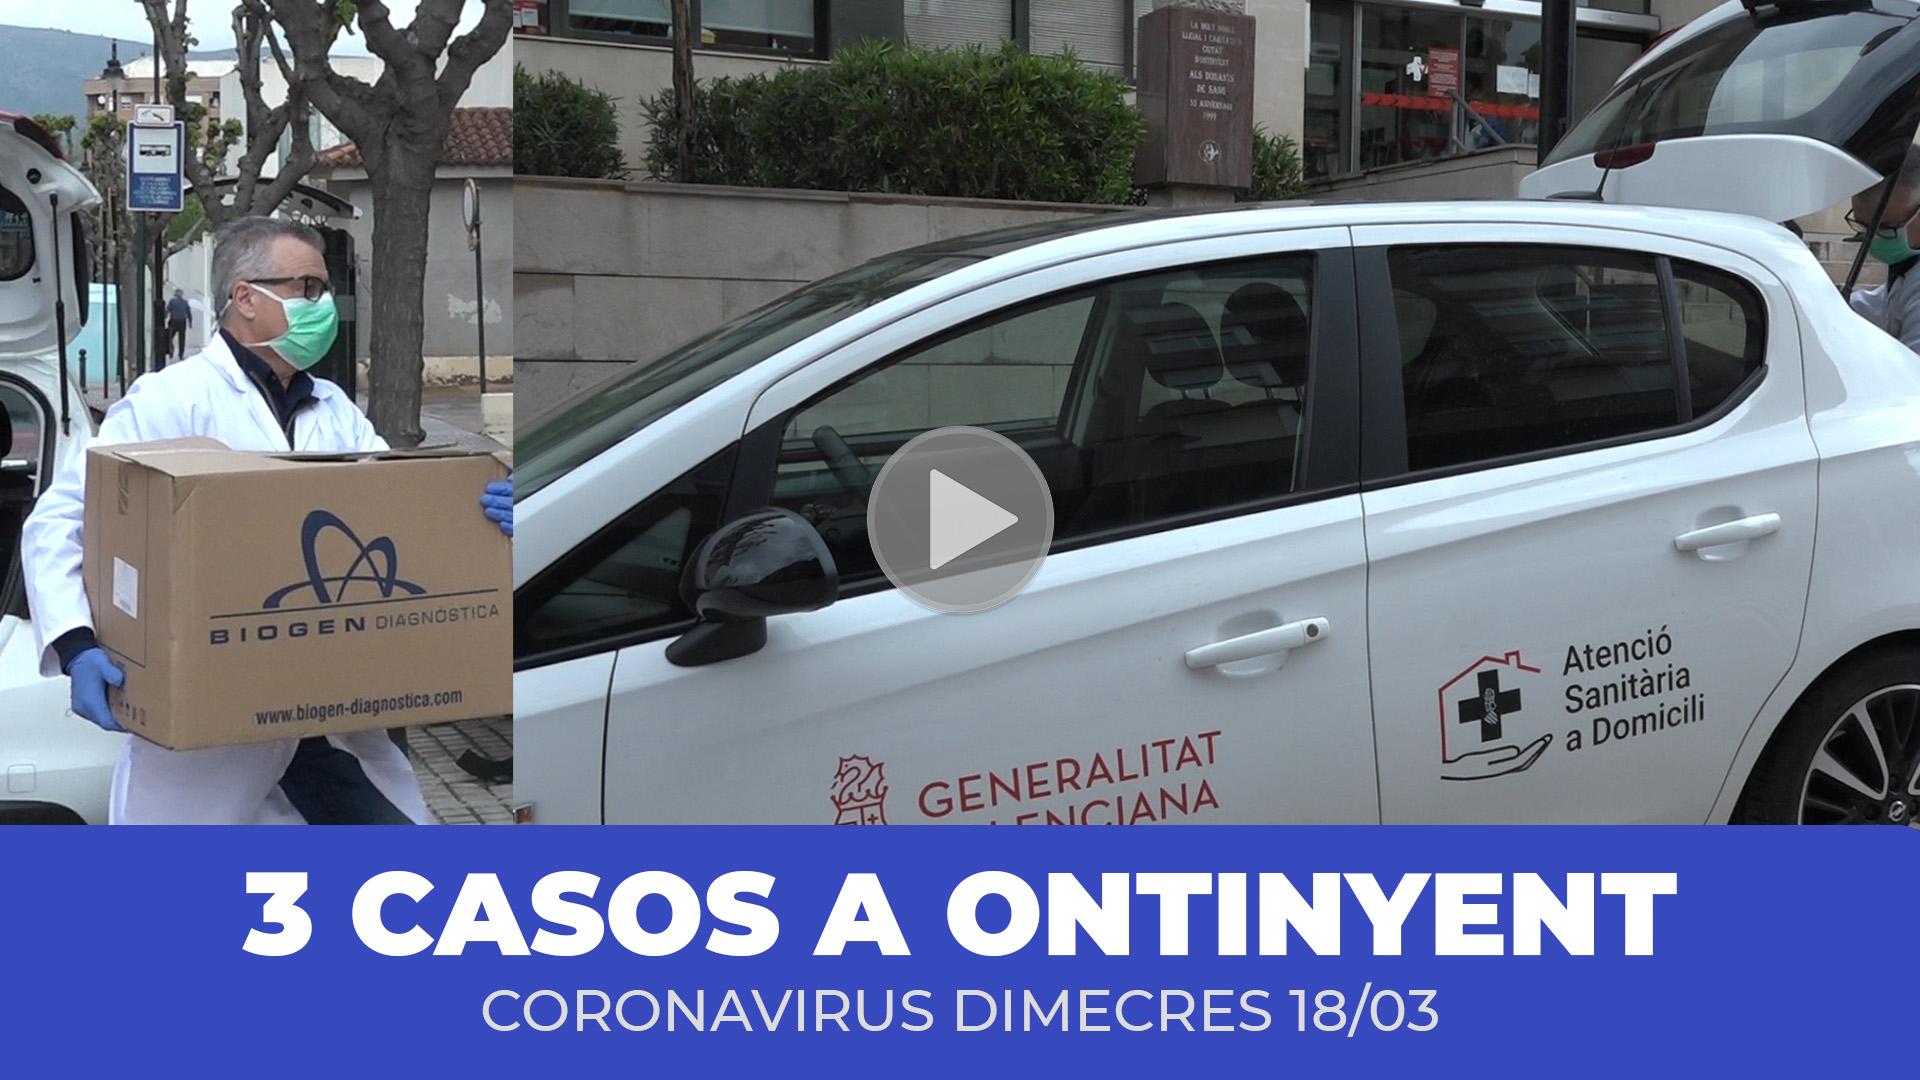 Tercer cas de coronavirus a Ontinyent El Periòdic d'Ontinyent